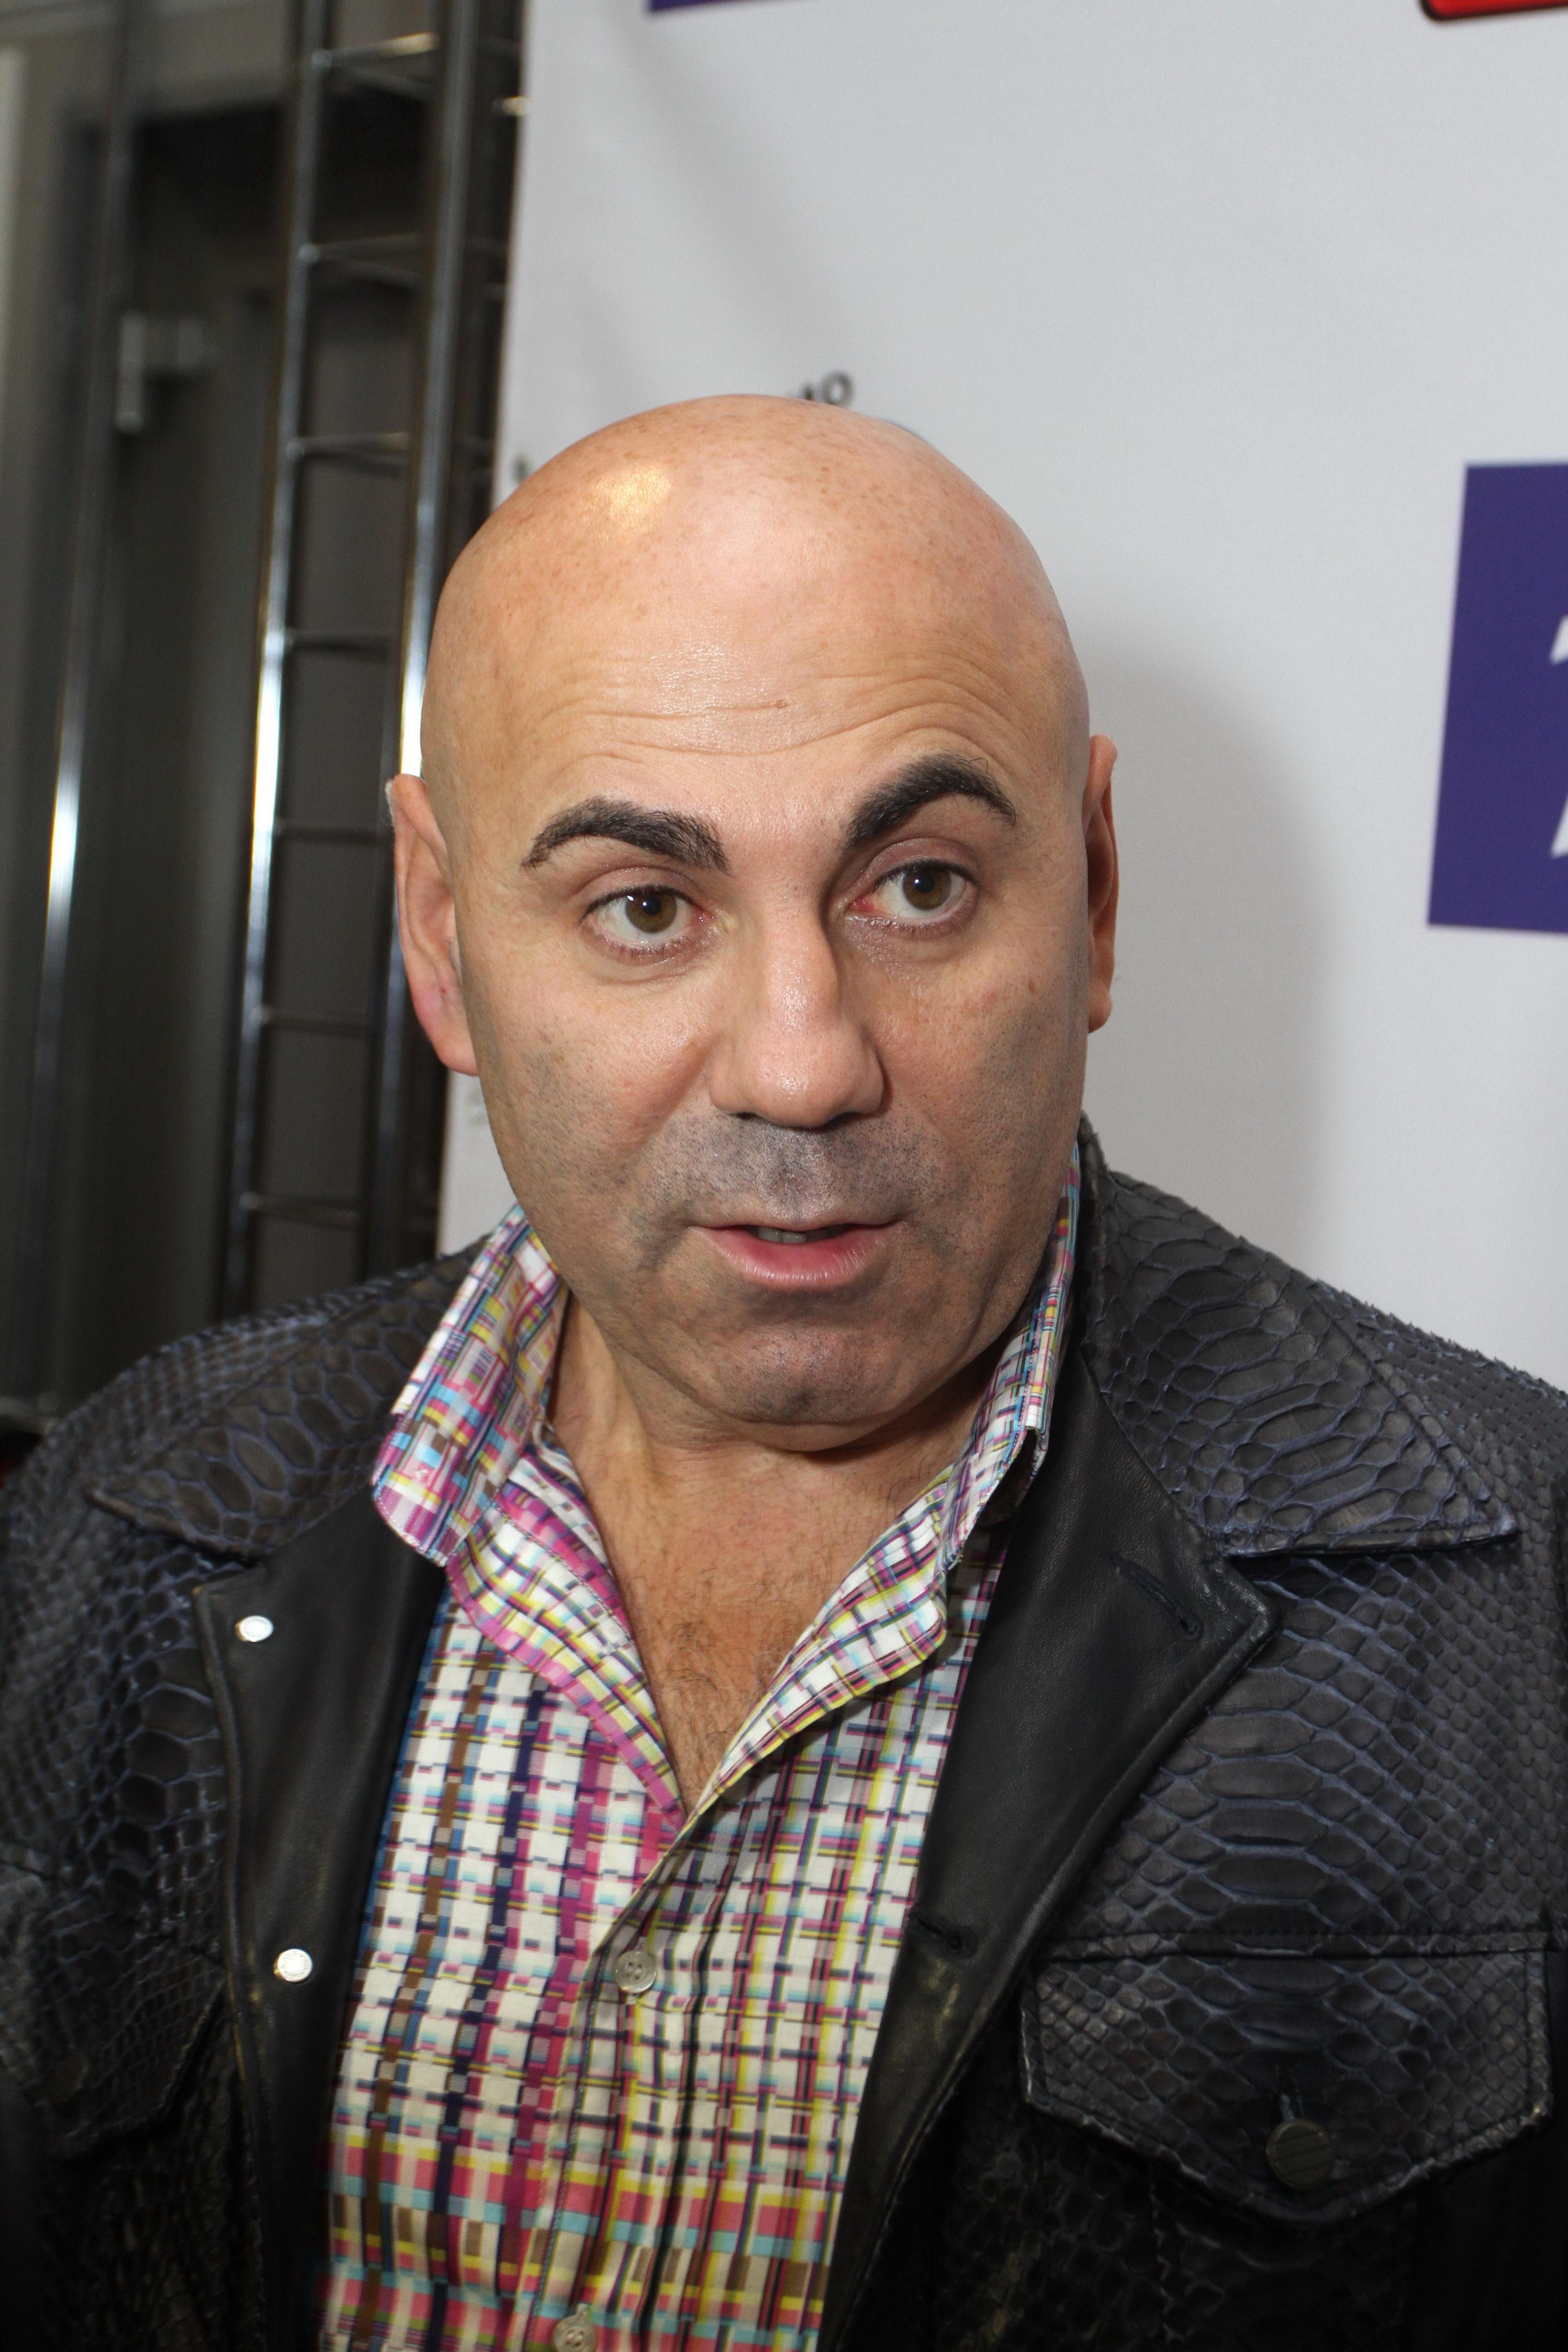 Продюсер и муж Валерии Иосиф Пригожин считает, что для Украины лучший выход - вступить в Таможенный союз